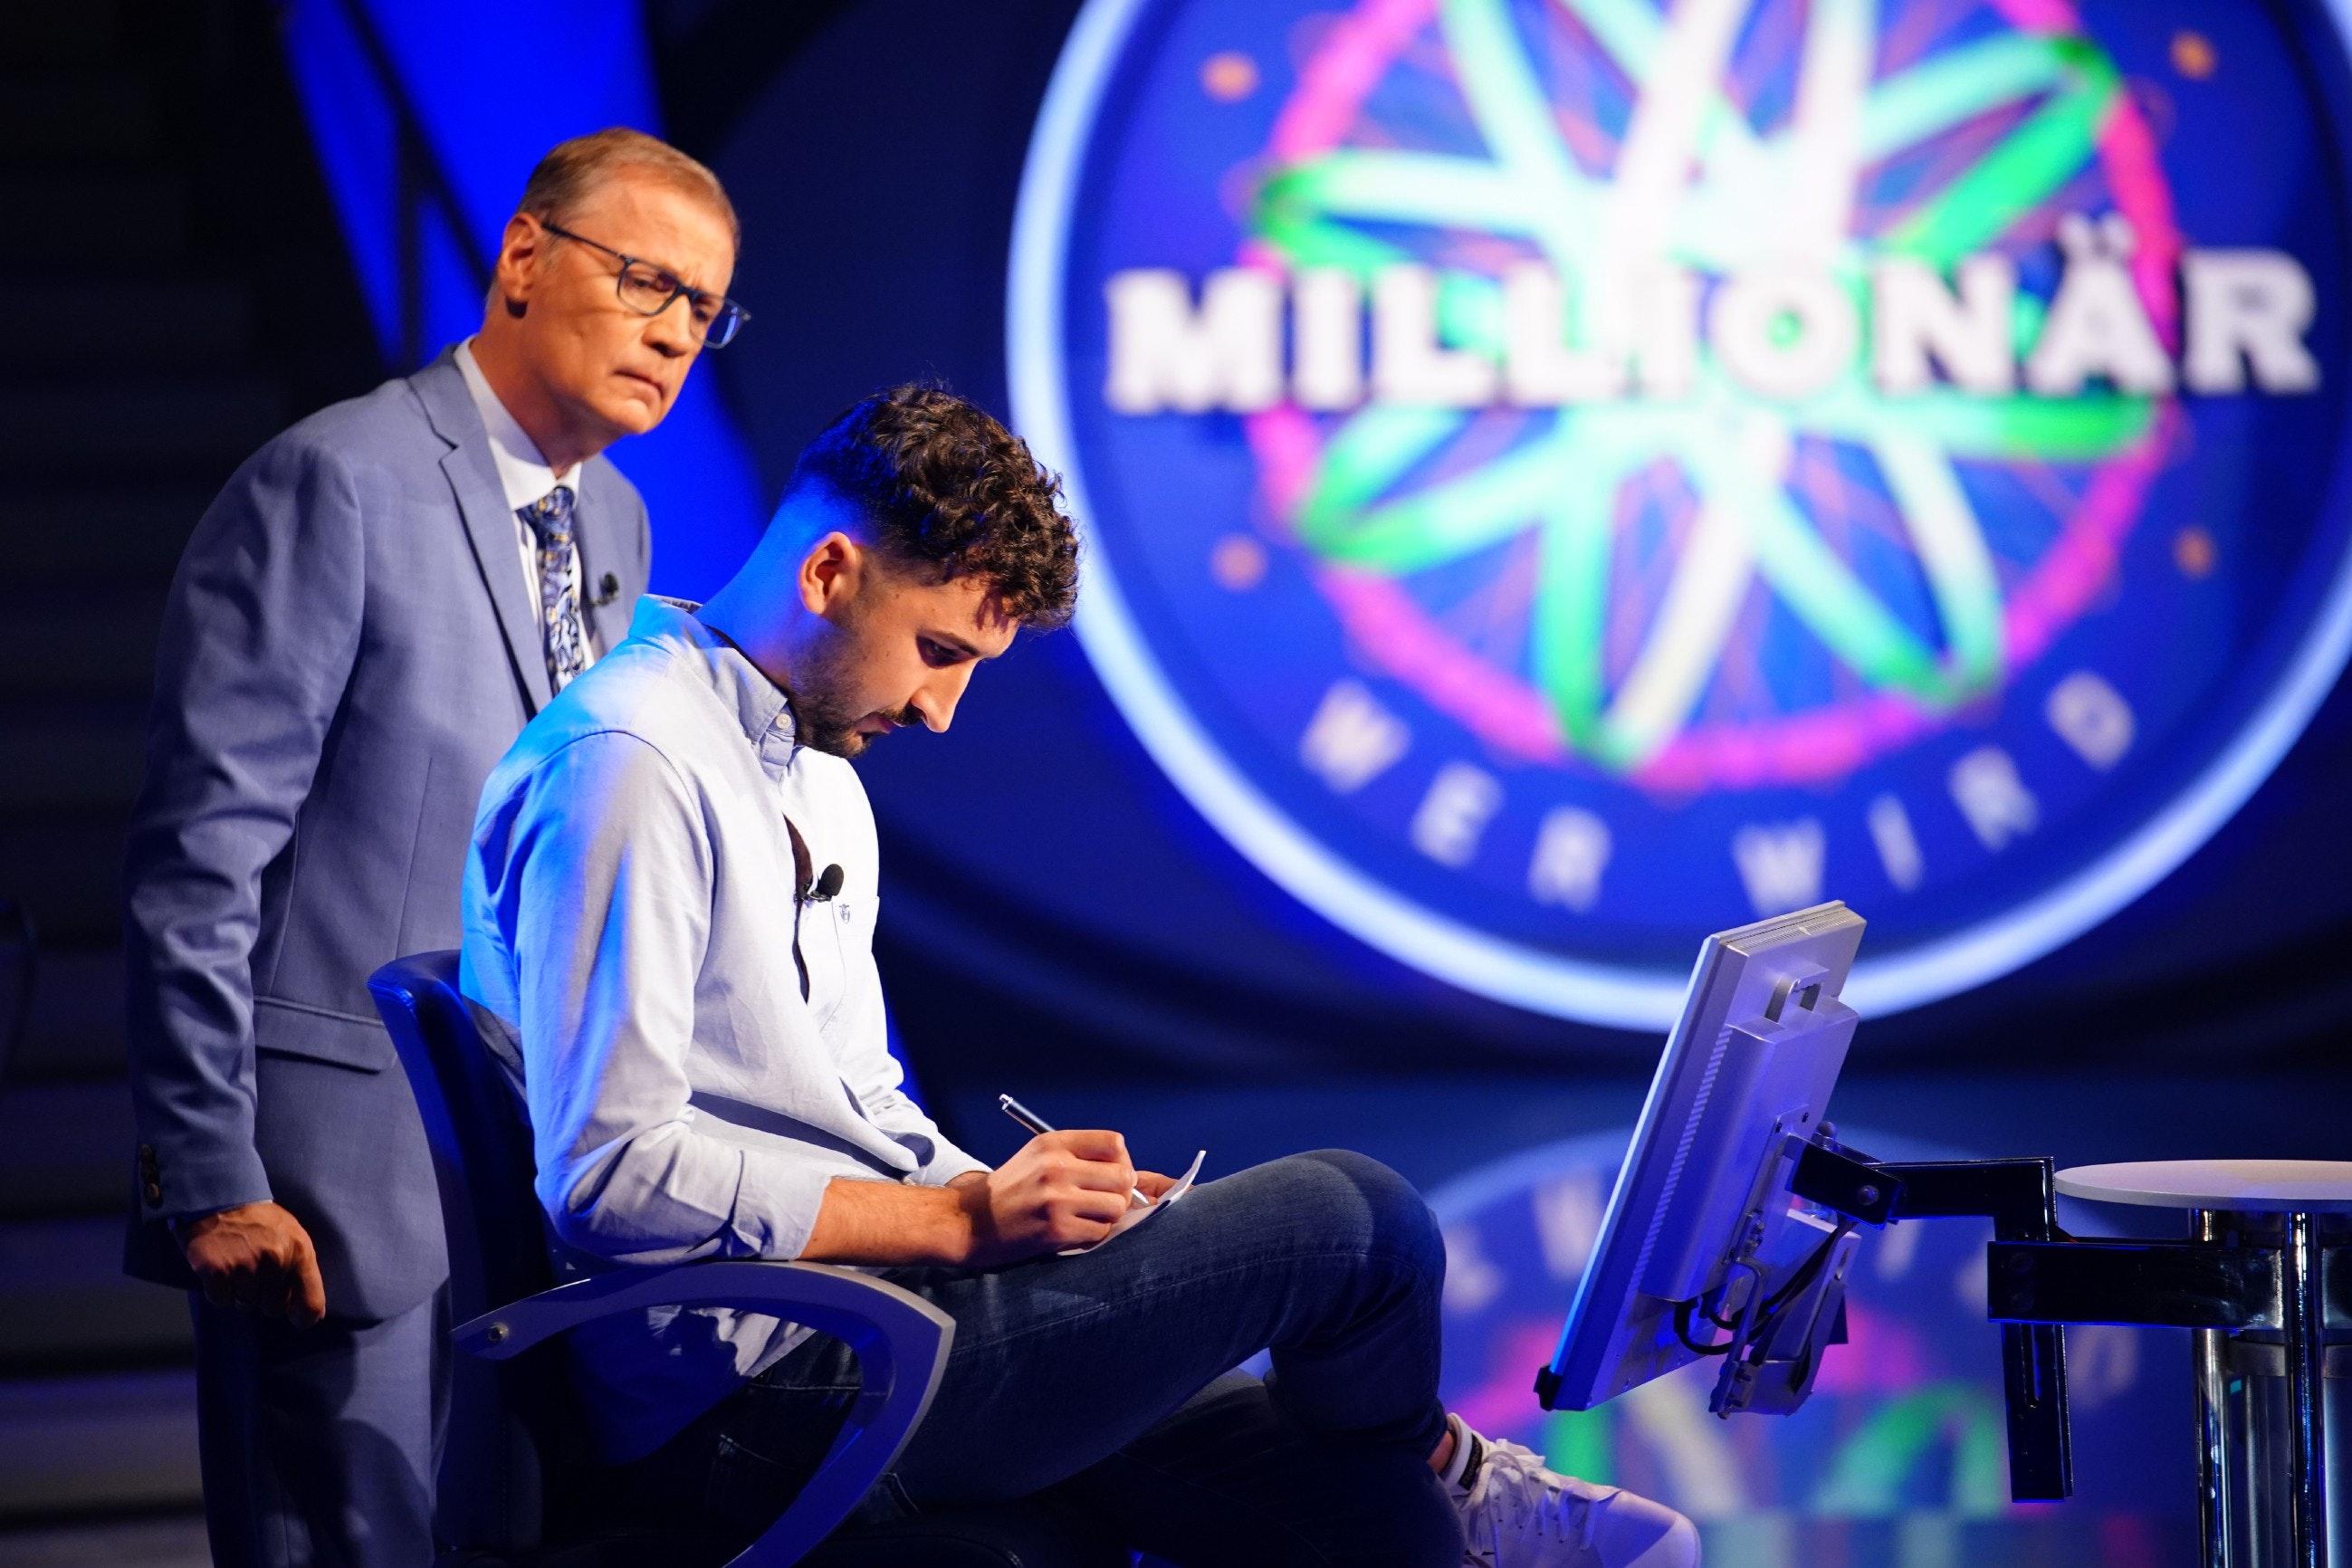 Wer wird Millionär: Kandidat verblüfft Jauch mit Trick